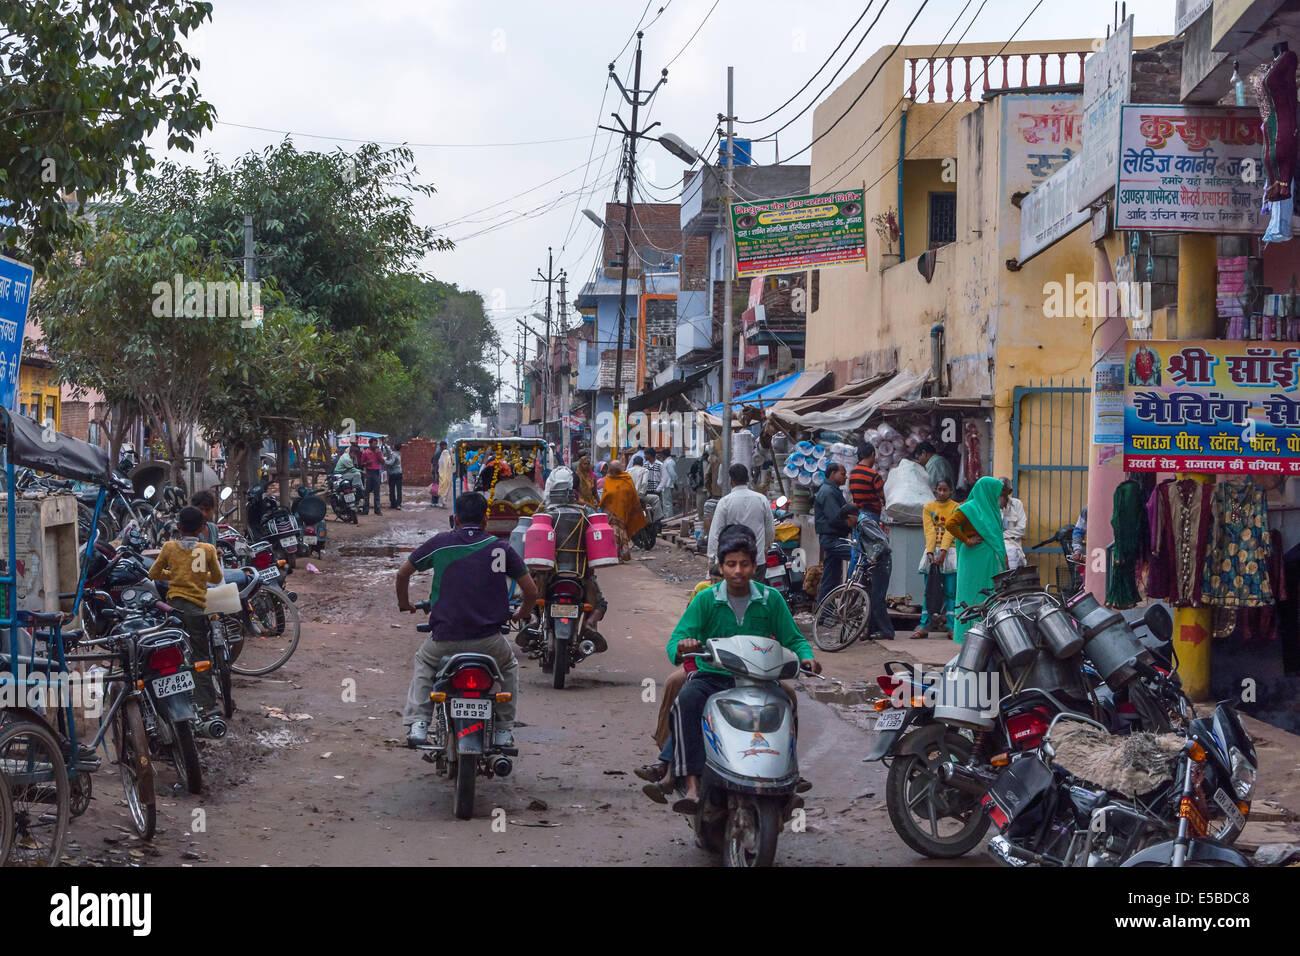 Le trafic lourd dans rue latérale, avec quelques petits magasins et où le lait est livré en moto. Photo Stock